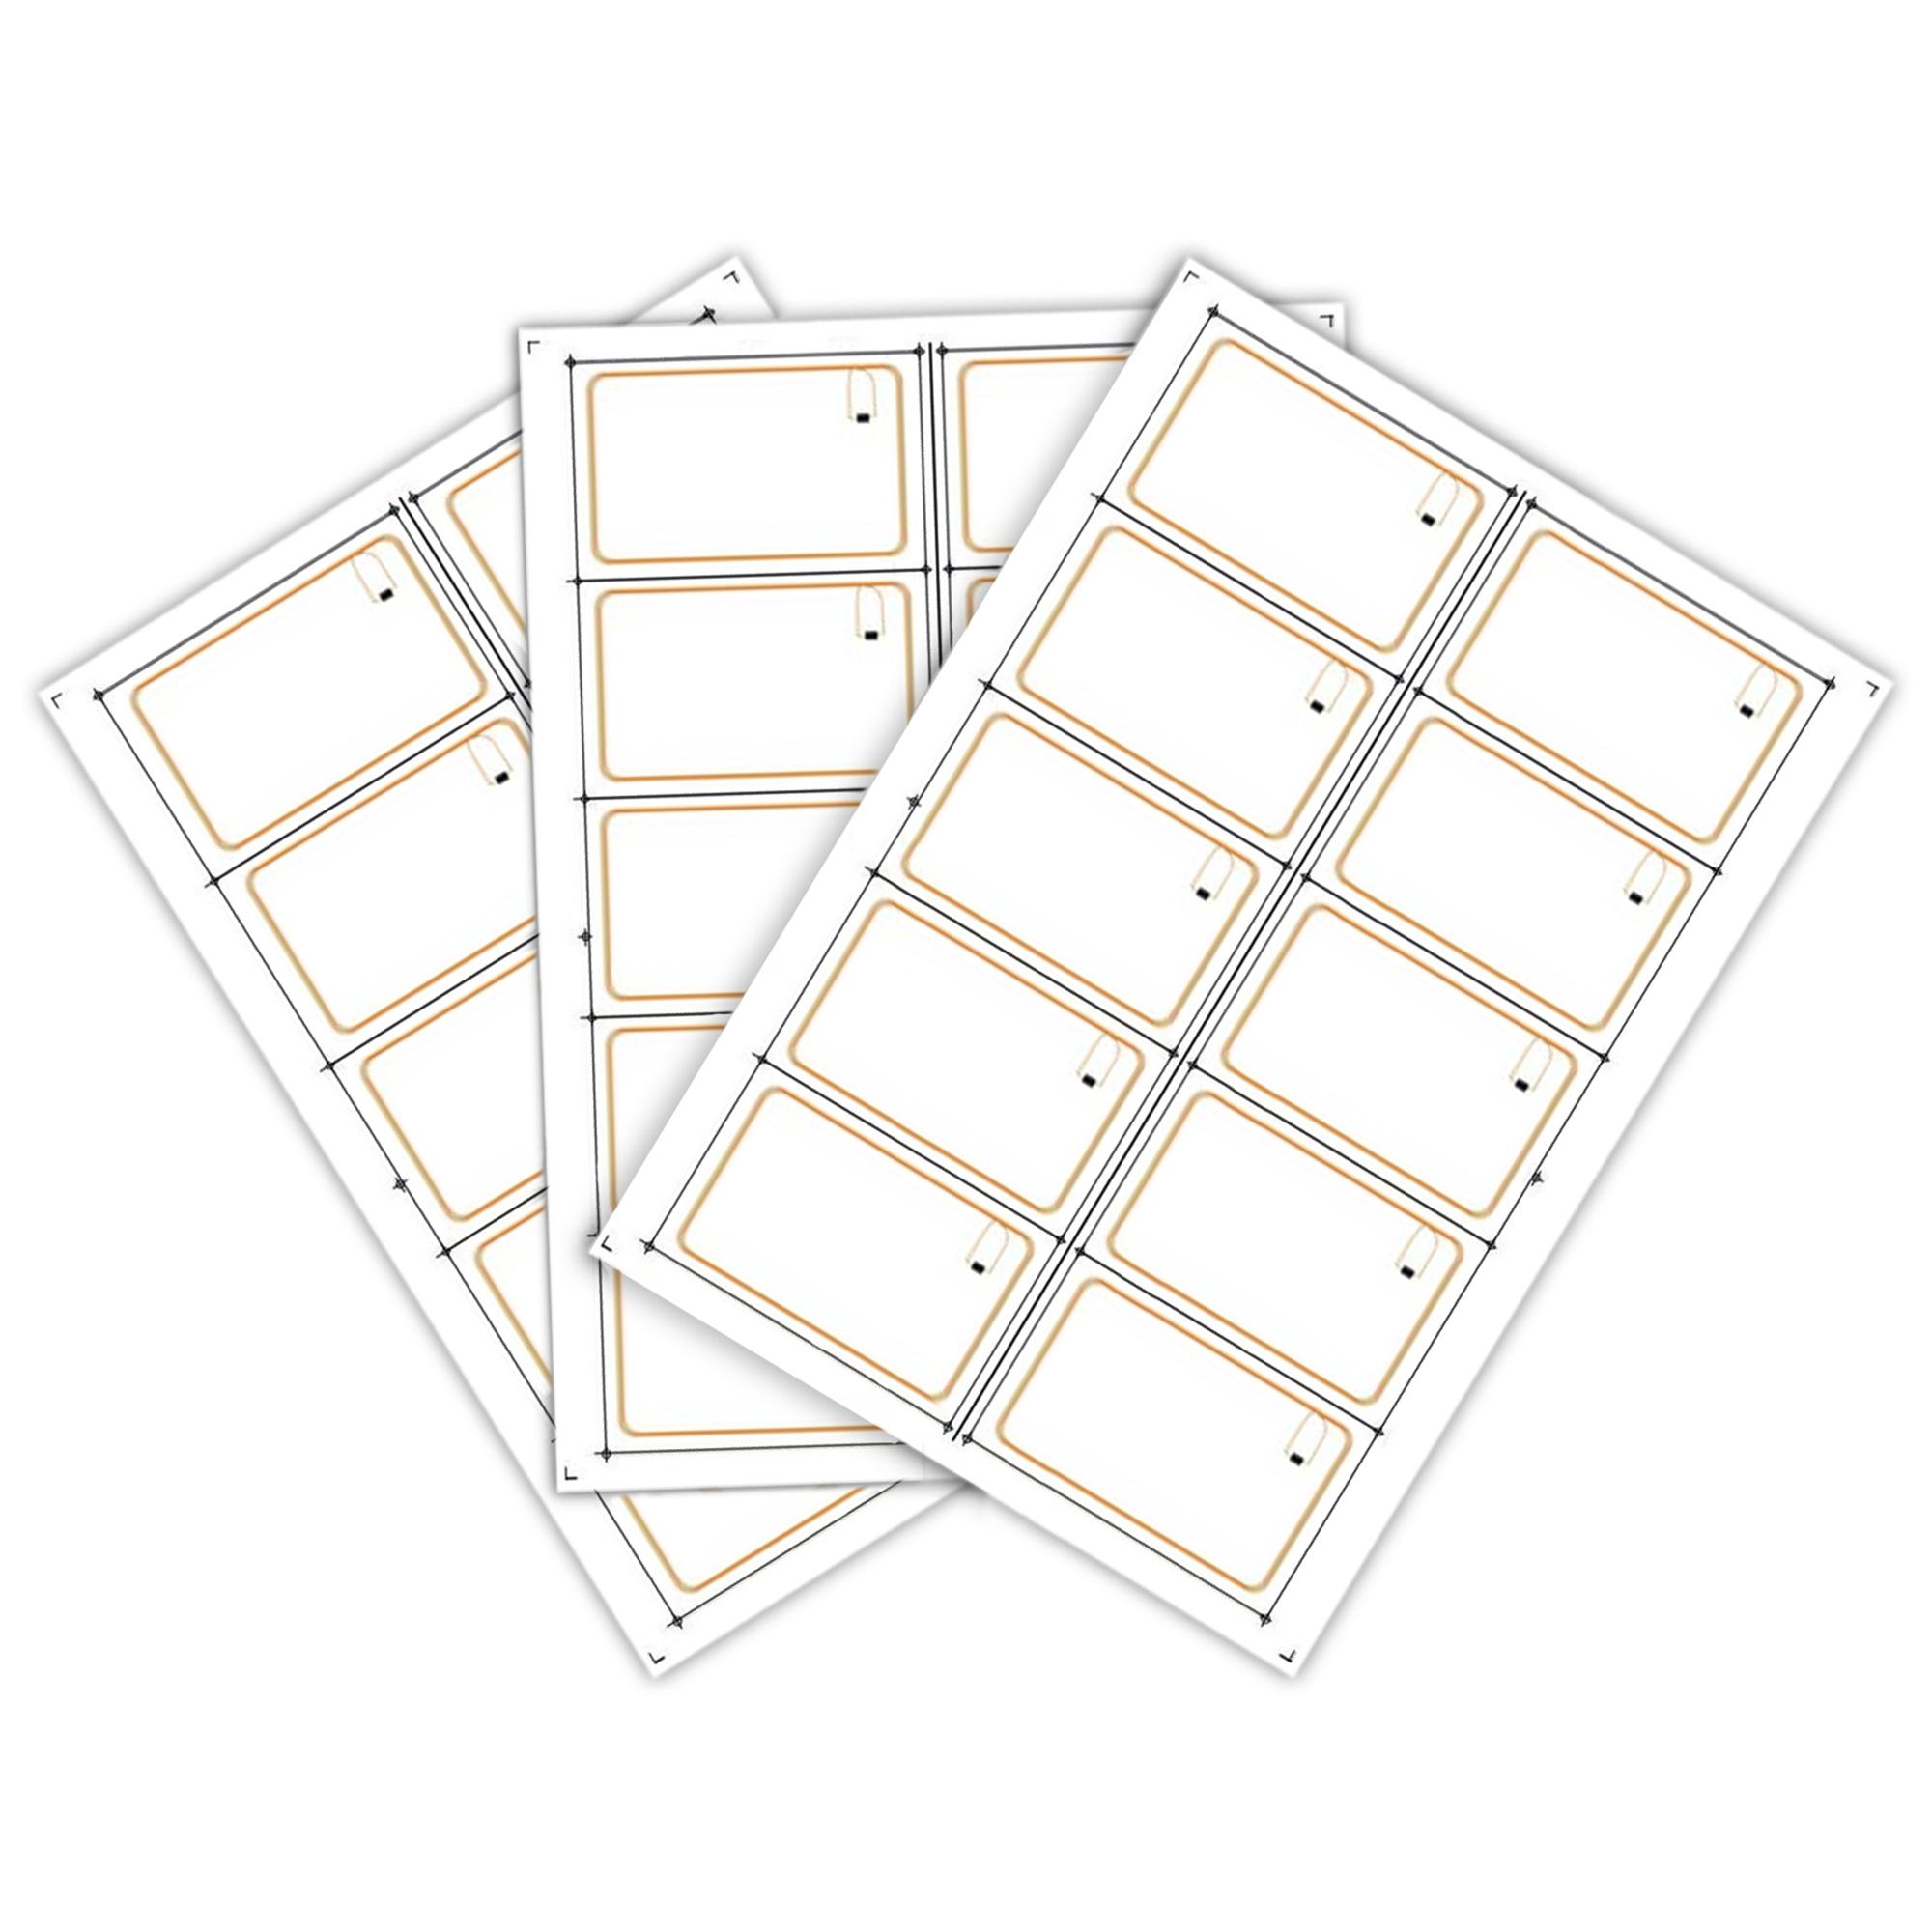 Mifare Ultralight сырье (инлей) для производства бесконтактных пластиковых rfid-карт с чипом EV1 (10 чипов на листе формата A4